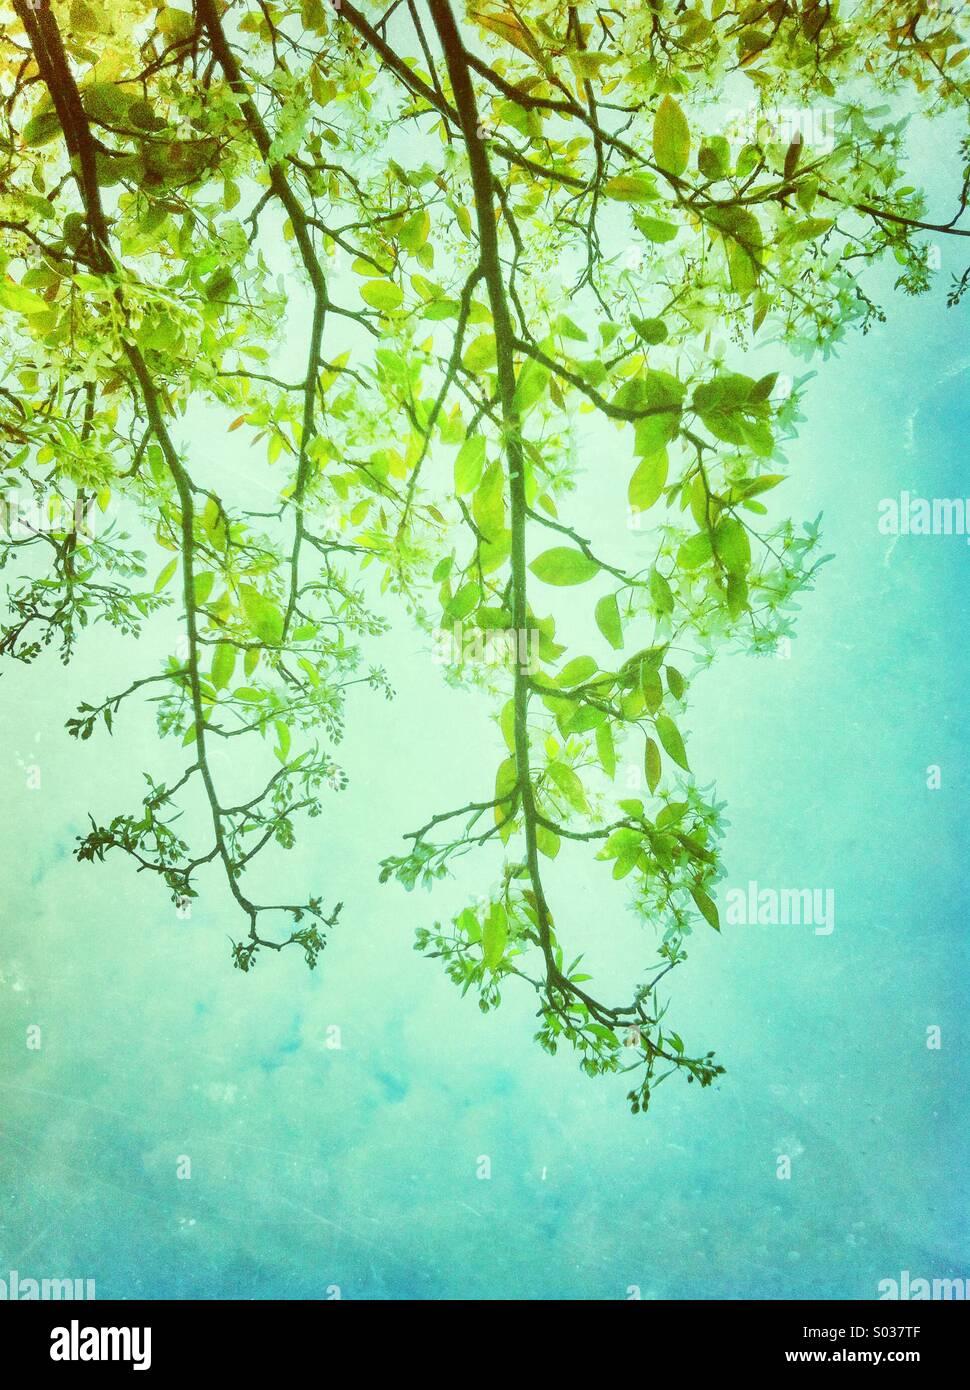 Frische grüne Blätter im Frühling Stockfoto